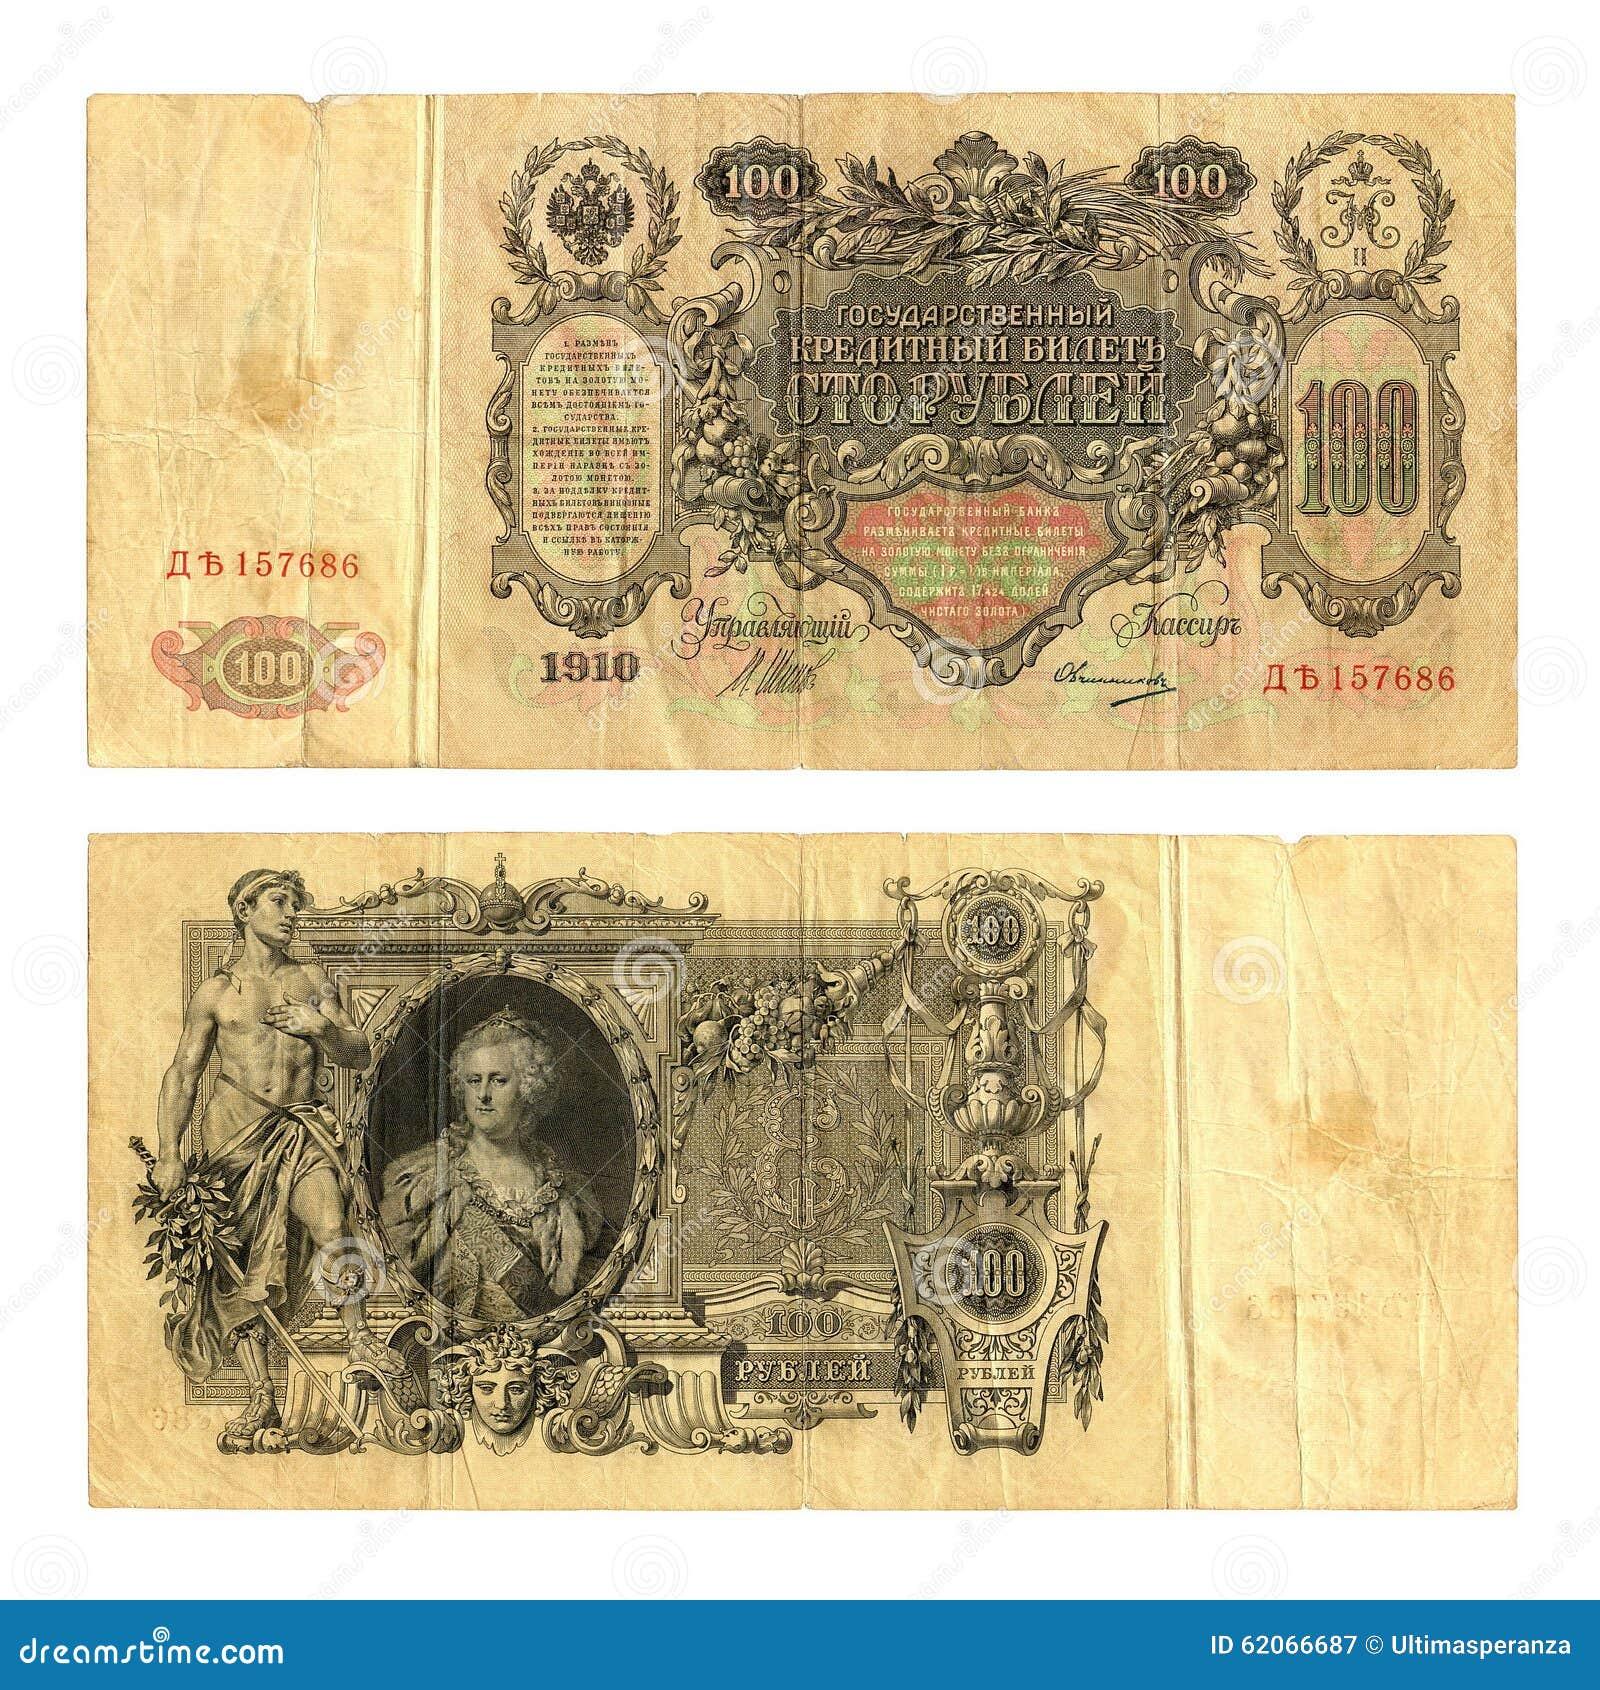 Изолированная старая банкнота, Российская империя 100 рублей, 1910 год